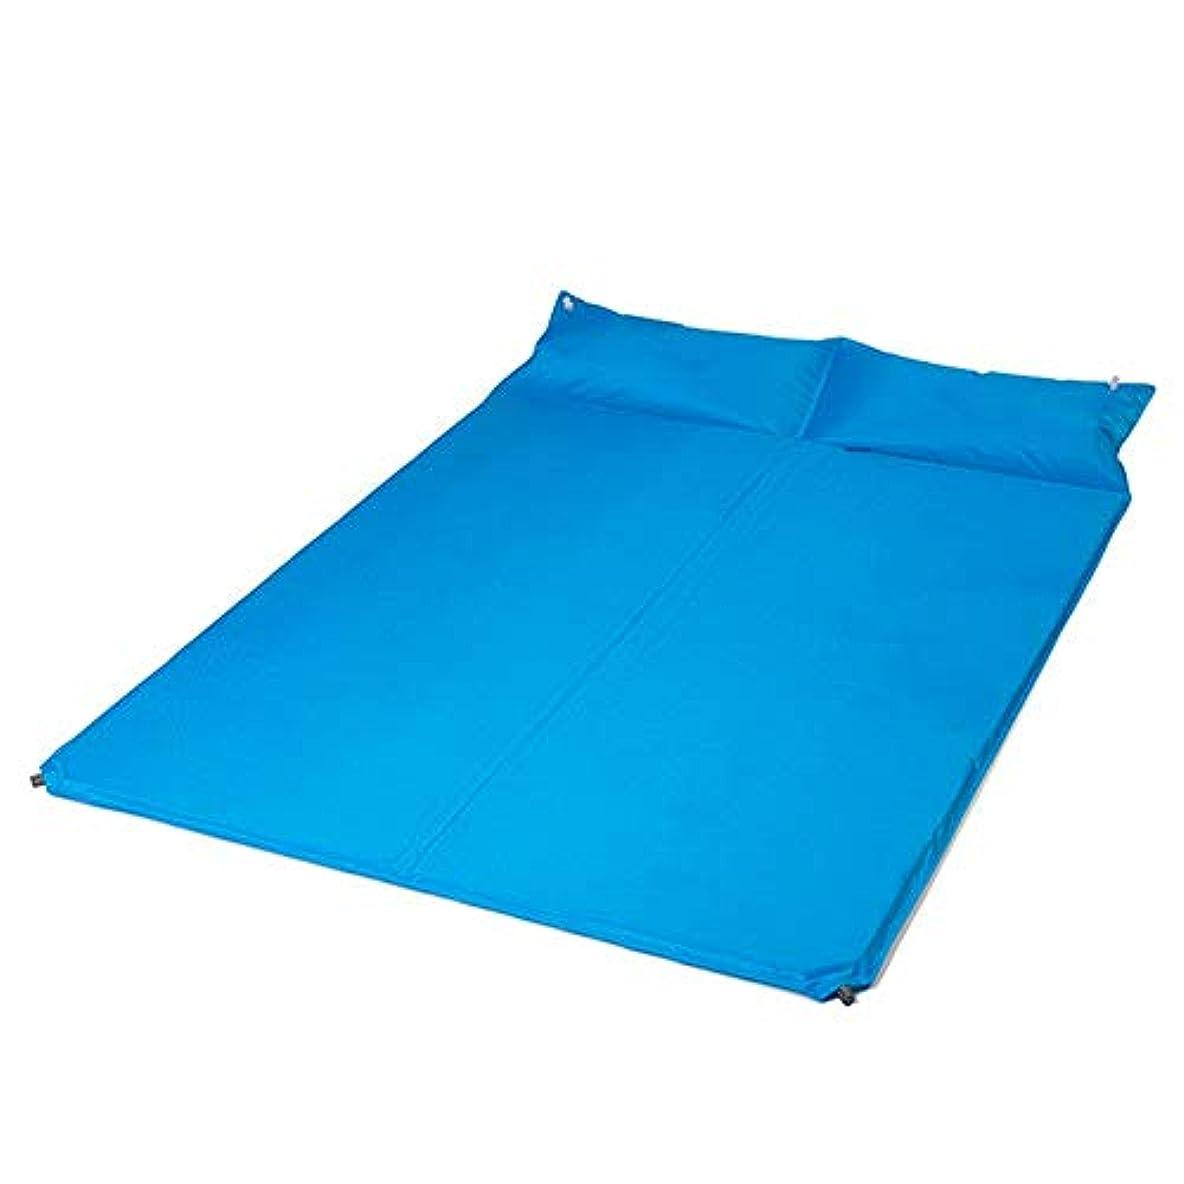 購入カウンターパート慎重にインフレータブルベッド自動インフレータブル枕屋外防湿インフレータブルクッション厚マットレスキャンプエアベッド(カラー:A)